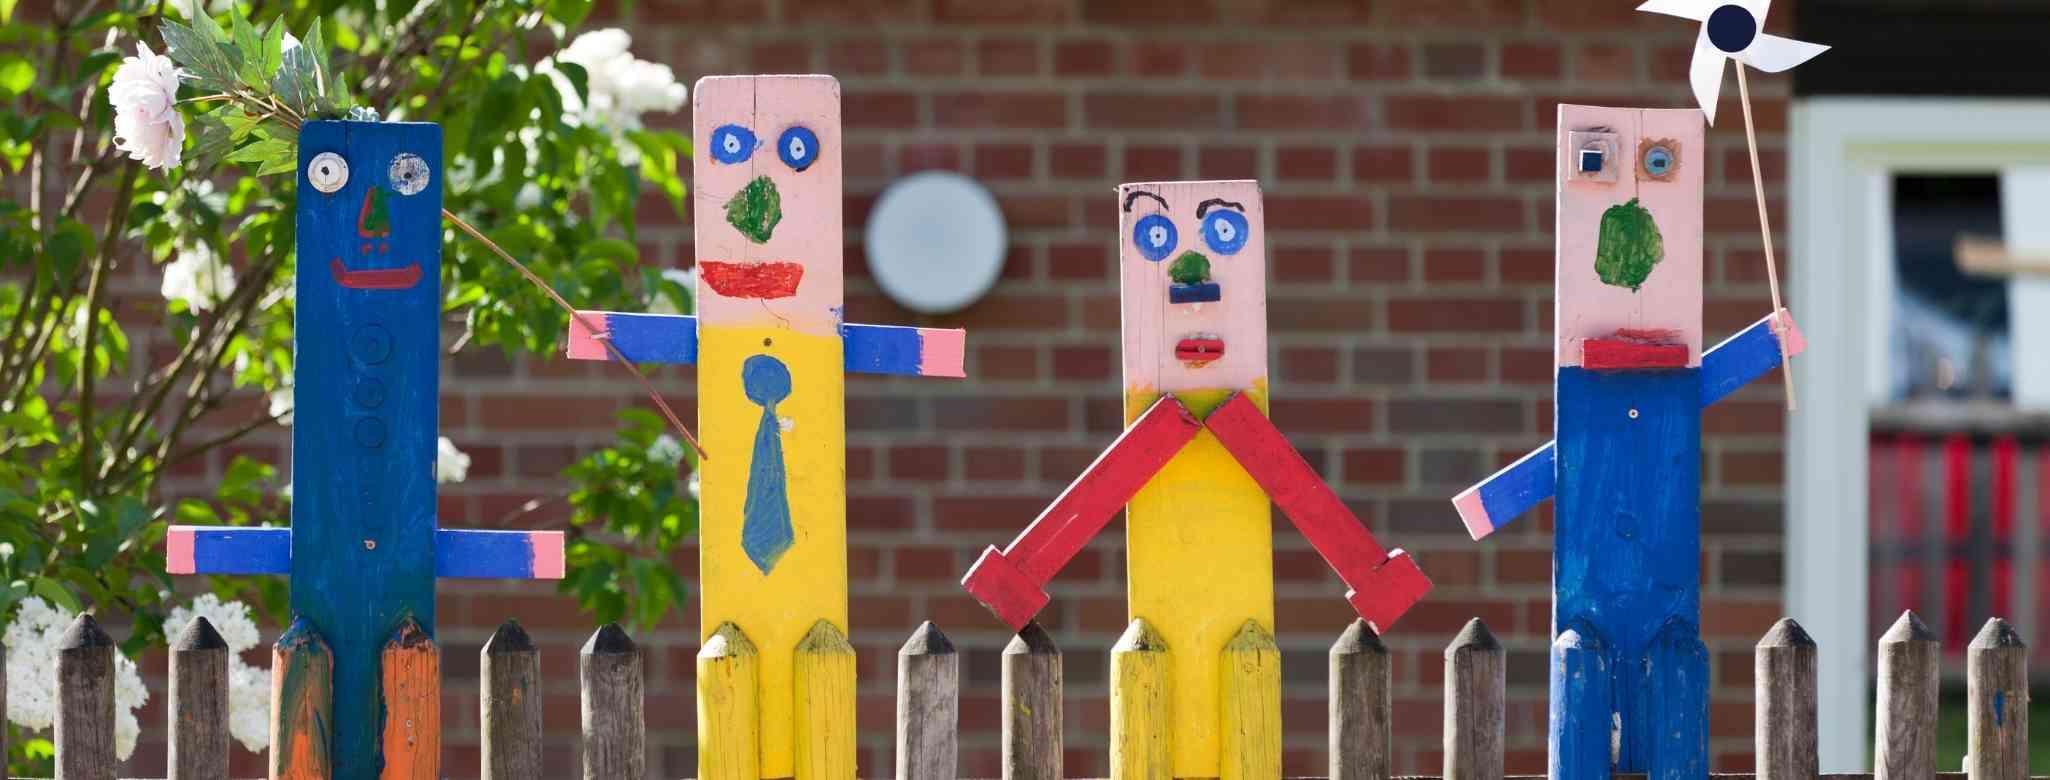 להסתיר מצלמת אבטחה בגן ילדים